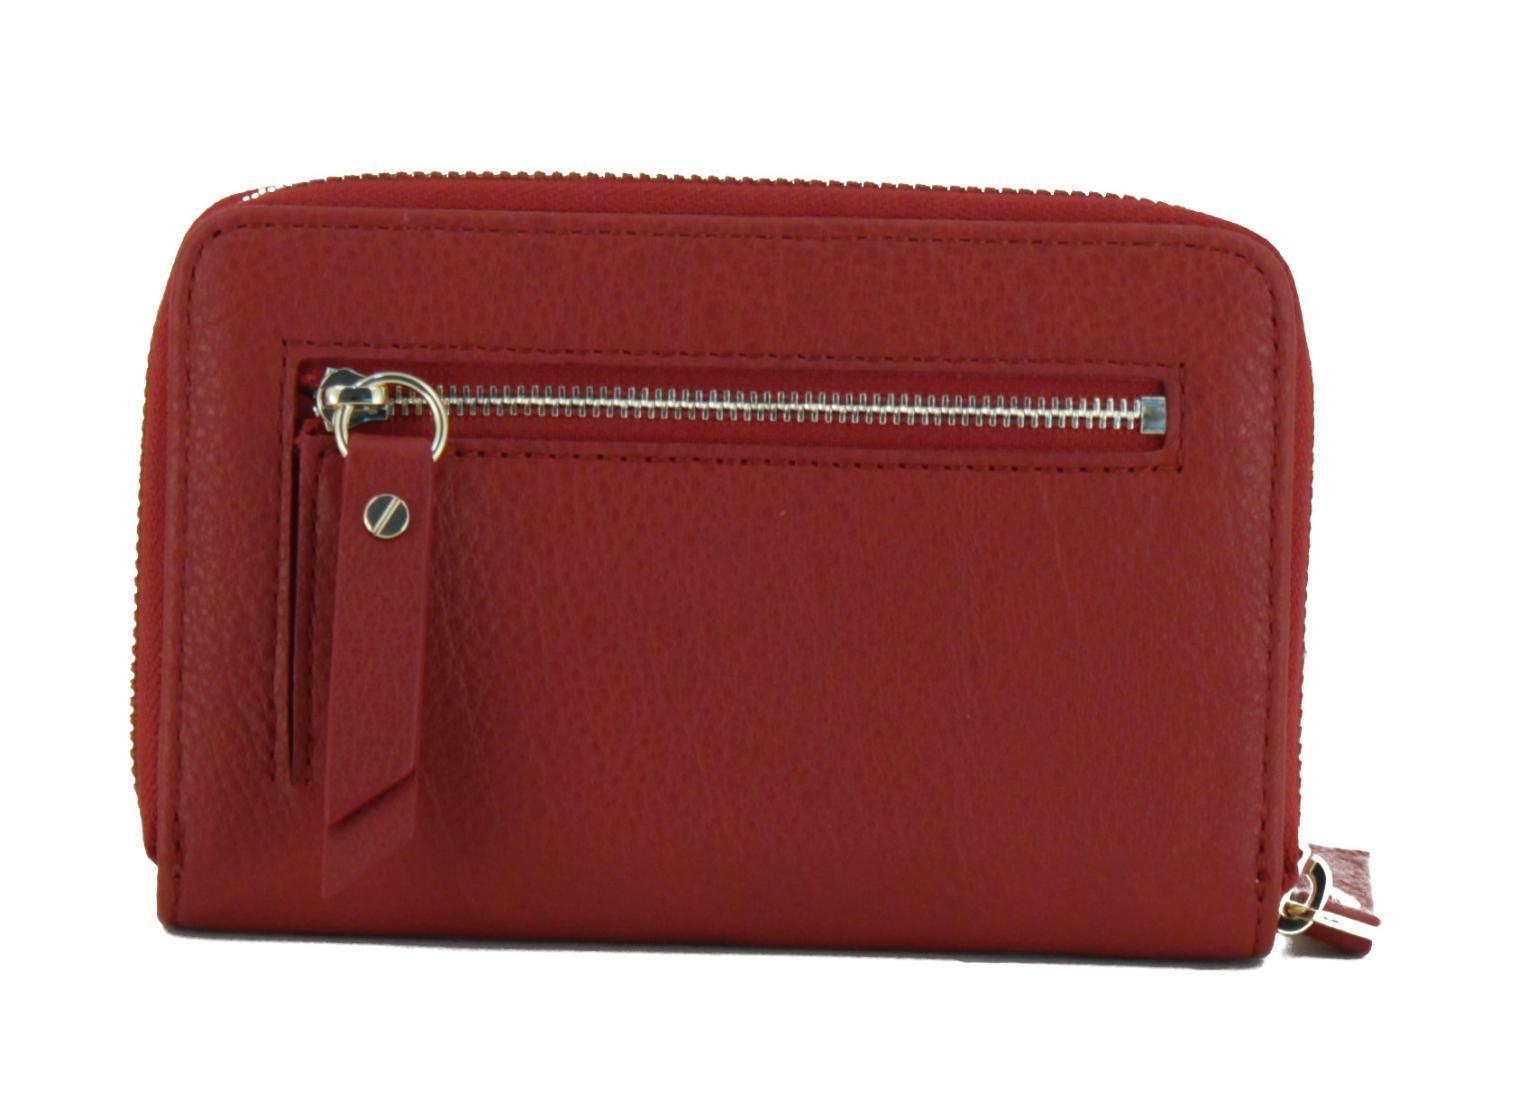 Liebeskind Berlin Ledergeldtasche BAFionaW8 Dahlia Red Vintage